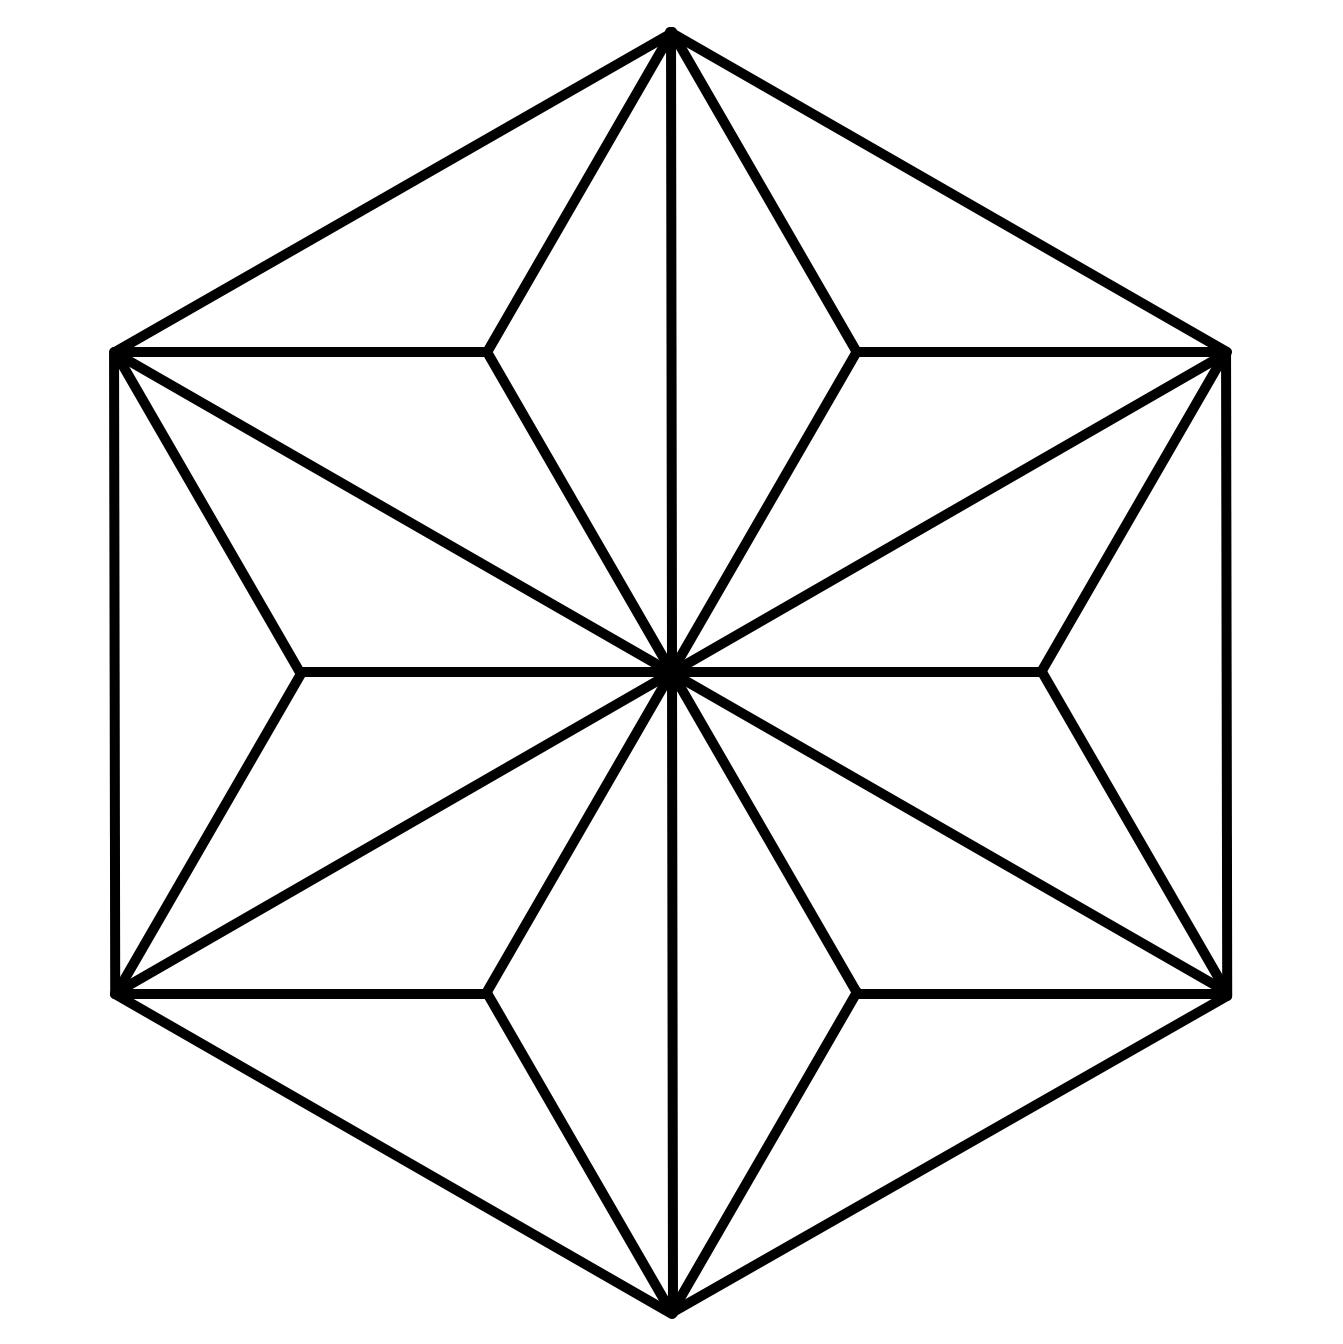 Grundform des Asa no ha-Musters